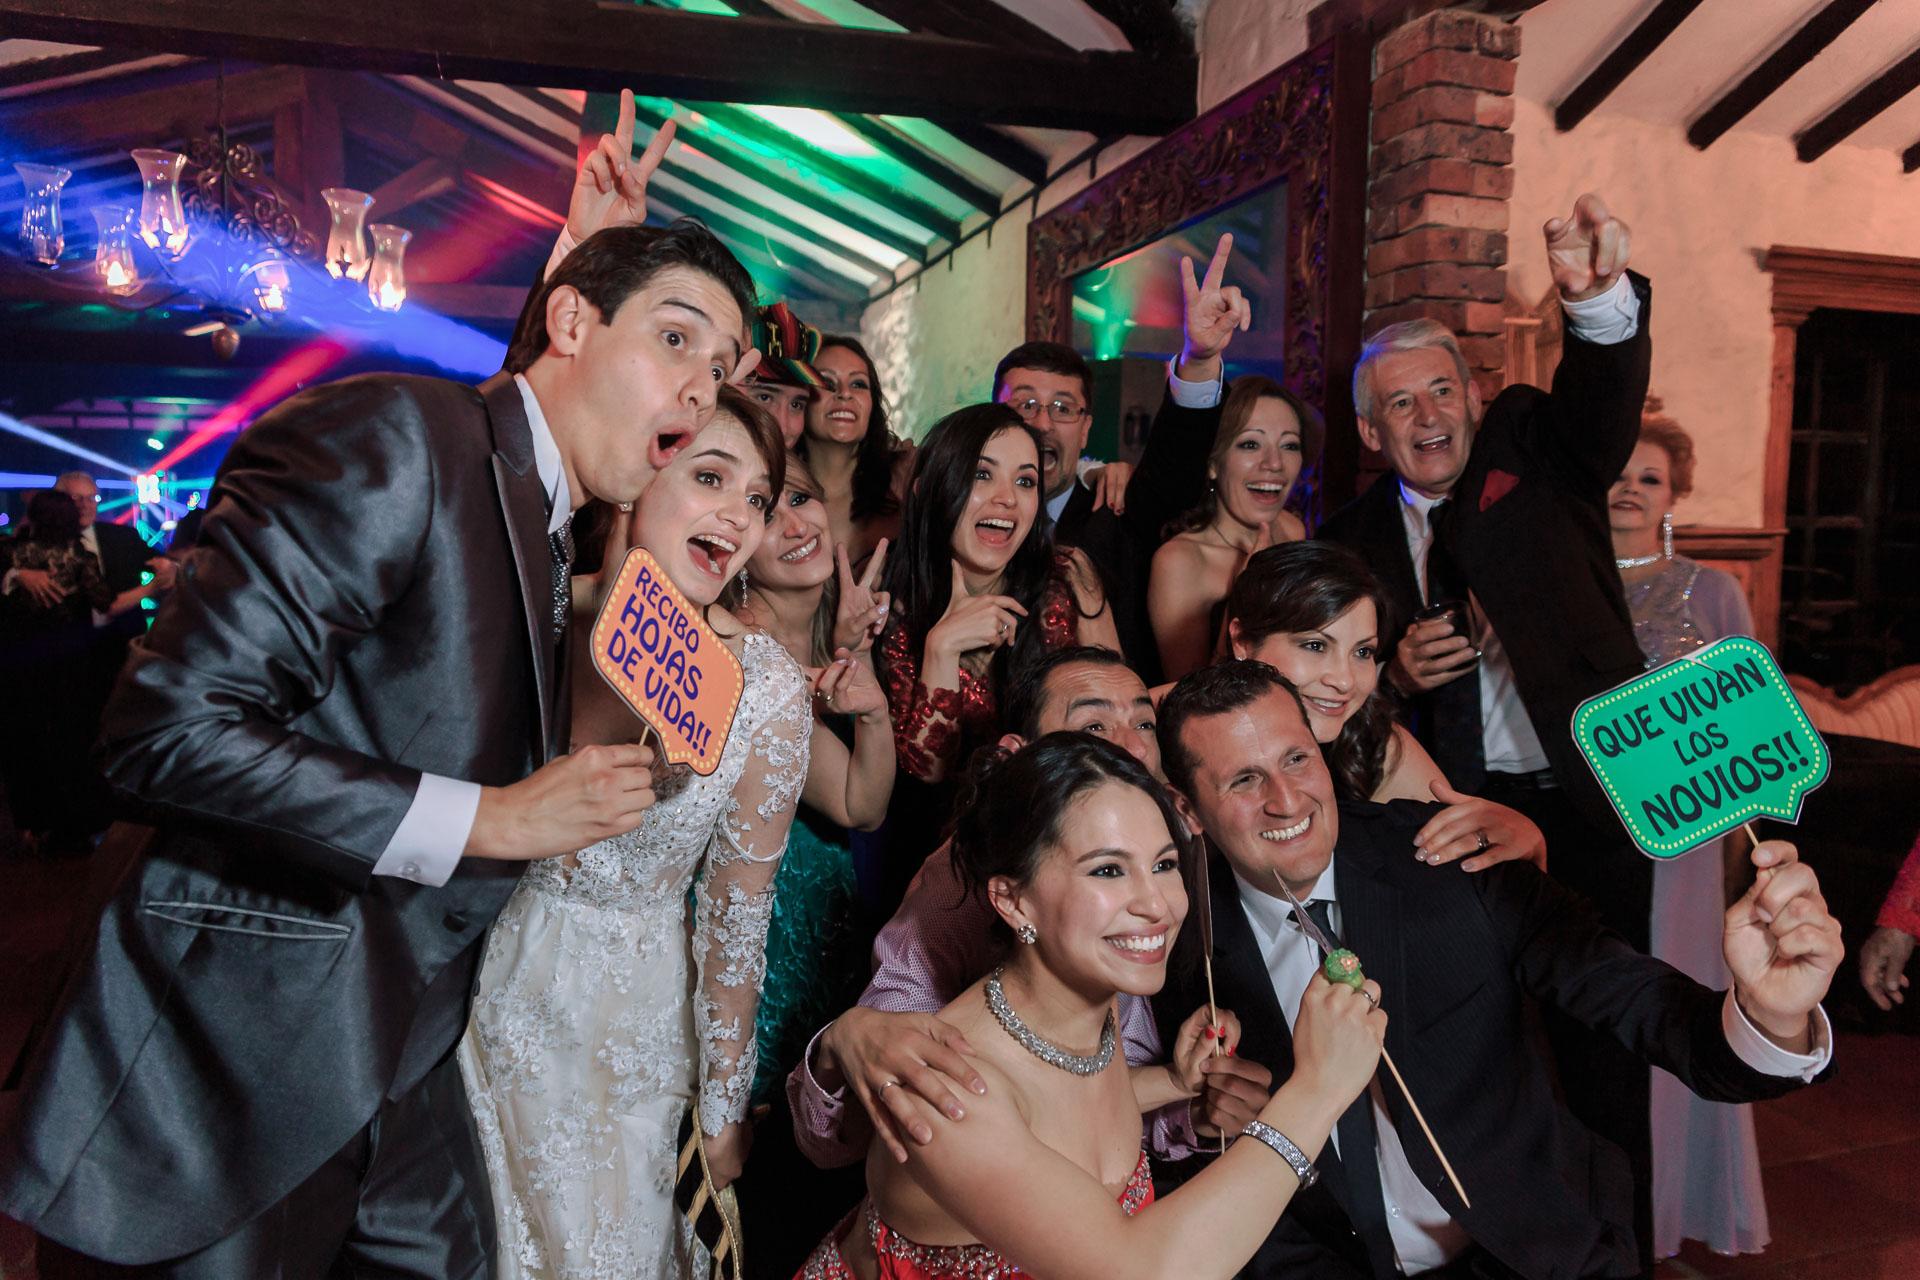 Alquiler-de-Fotocabinas-en-Bogota-13 Servicio Foto Cabina